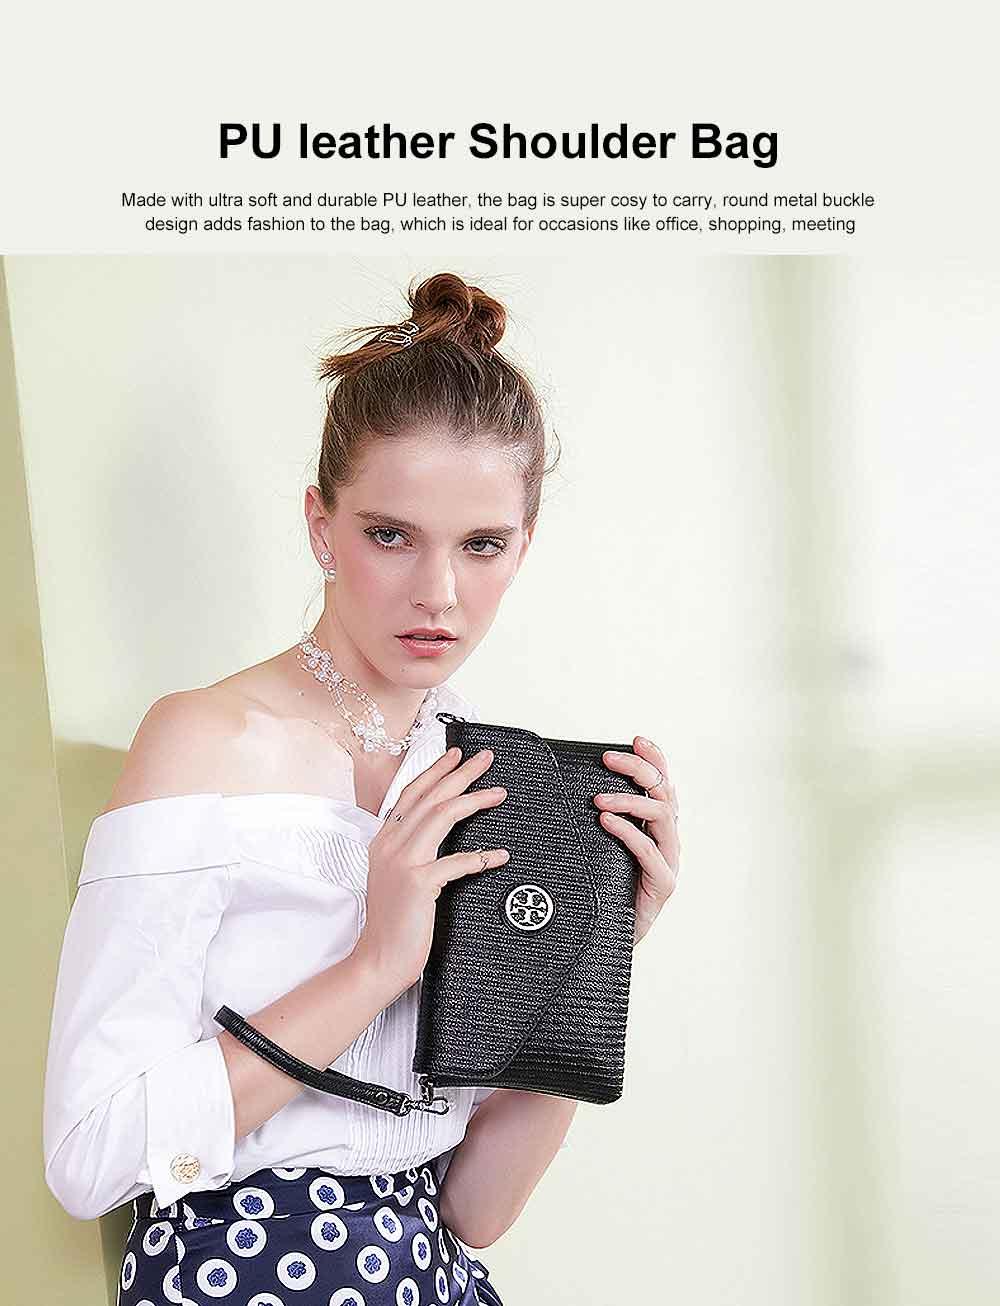 Women's Stylish Practical PU Leather Shoulder Bag Handbag with Detachable Shoulder Strap Black 0